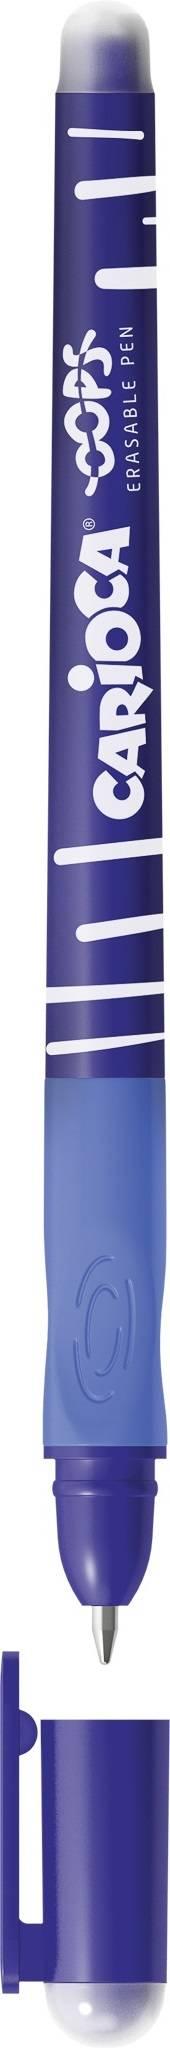 Ручка со стираемыми чернилами CARIOCA OOPS «пиши-стирай» 0,70 мм синий цвет корпуса: синий резиновый грип круглый корпус